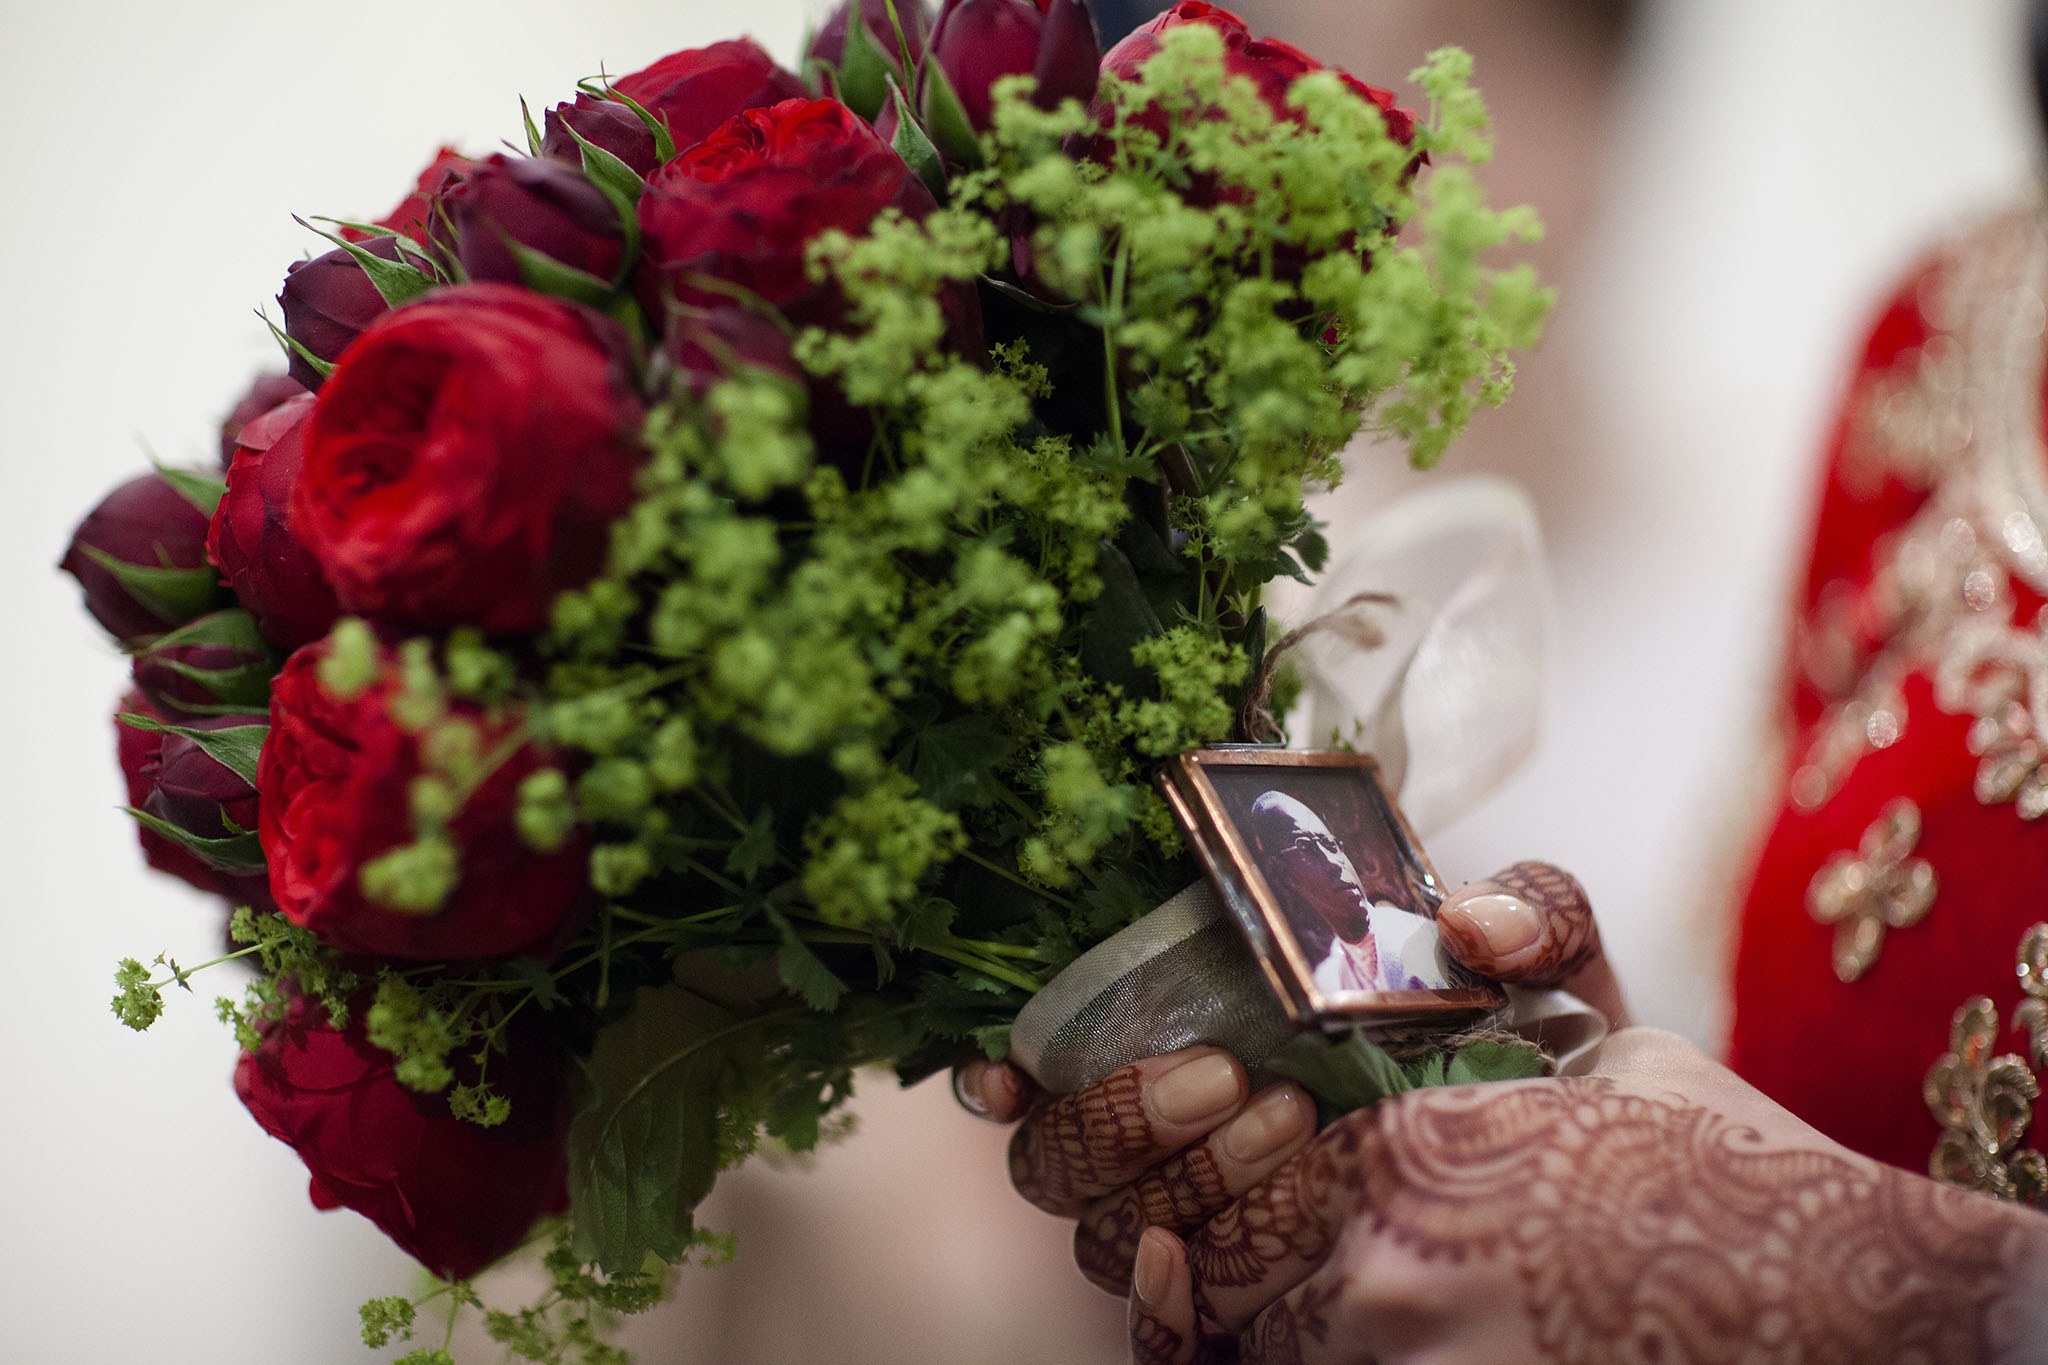 elizabethgphotography_kingslangley_hertfordshire_fineart_indian_wedding_photography_bhavesh_kundalata_bhaktivedanta_manor_watford_jpg05.jpg